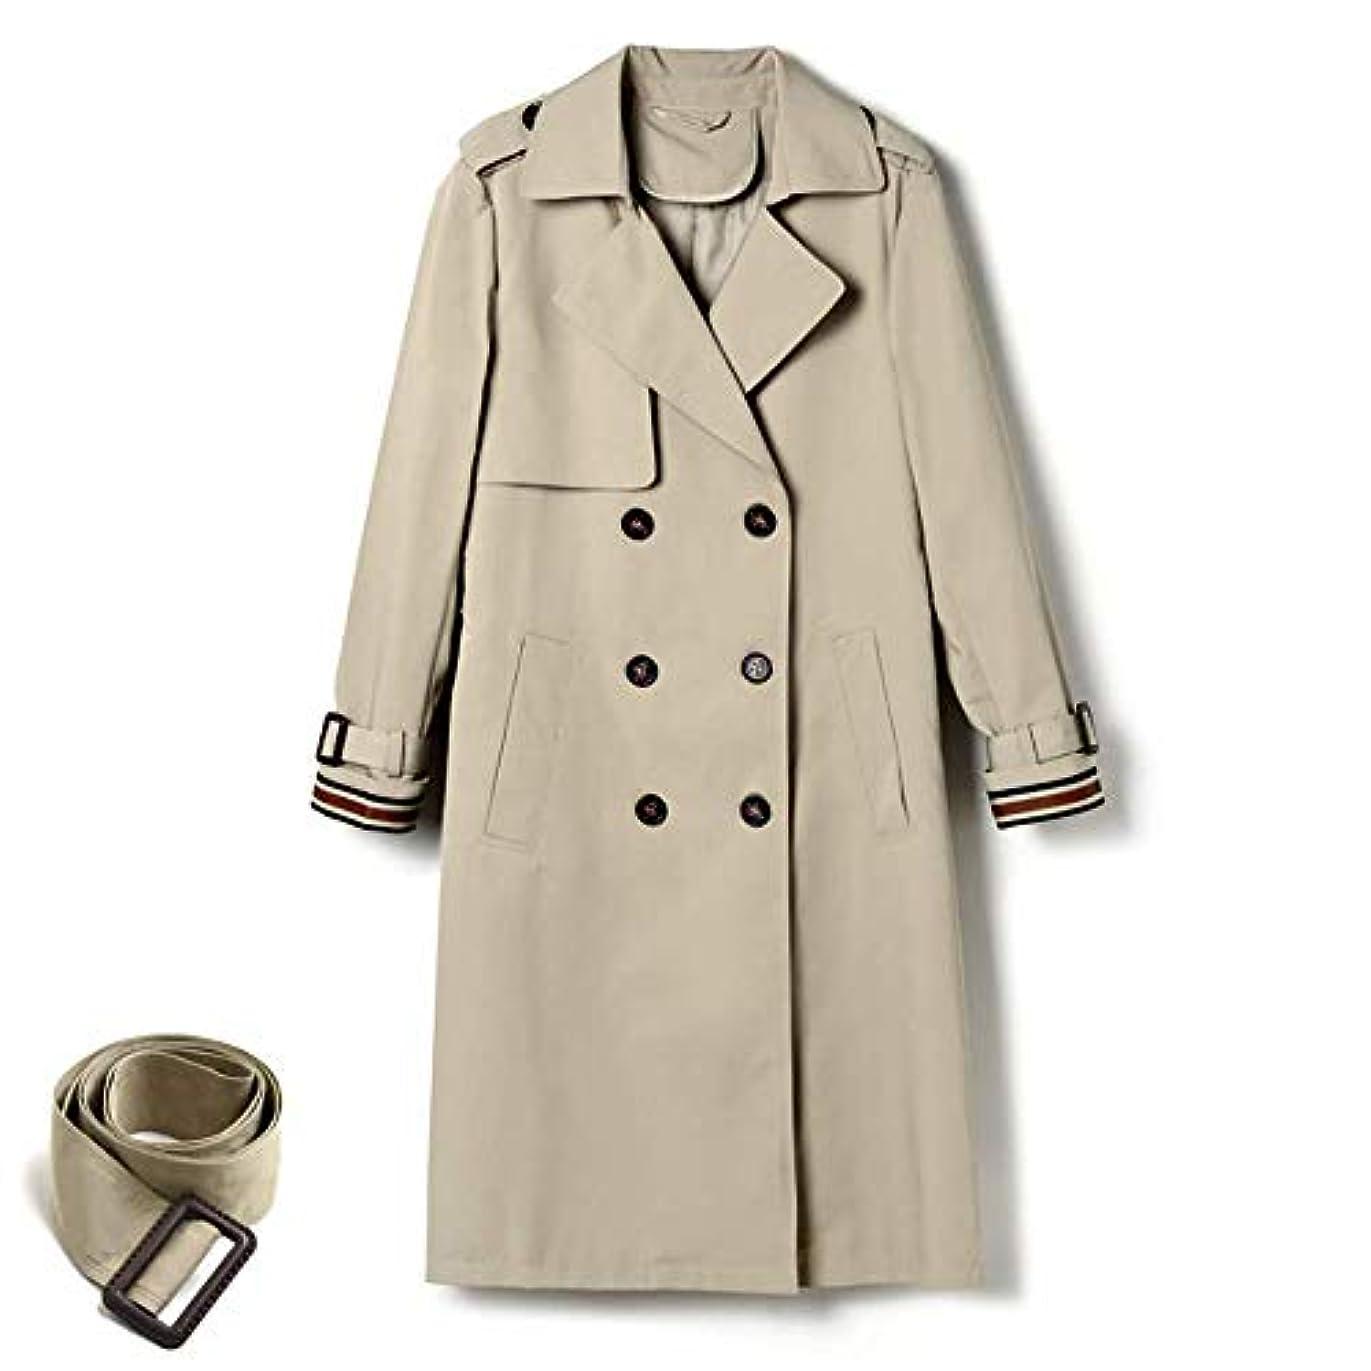 汚染された後手当英国風コートコート、スーツ襟ウエストコートレディースロングセクション秋の新しいコートコートレディースジャケットレディースコートレディースウィンドブレーカージャケット,L